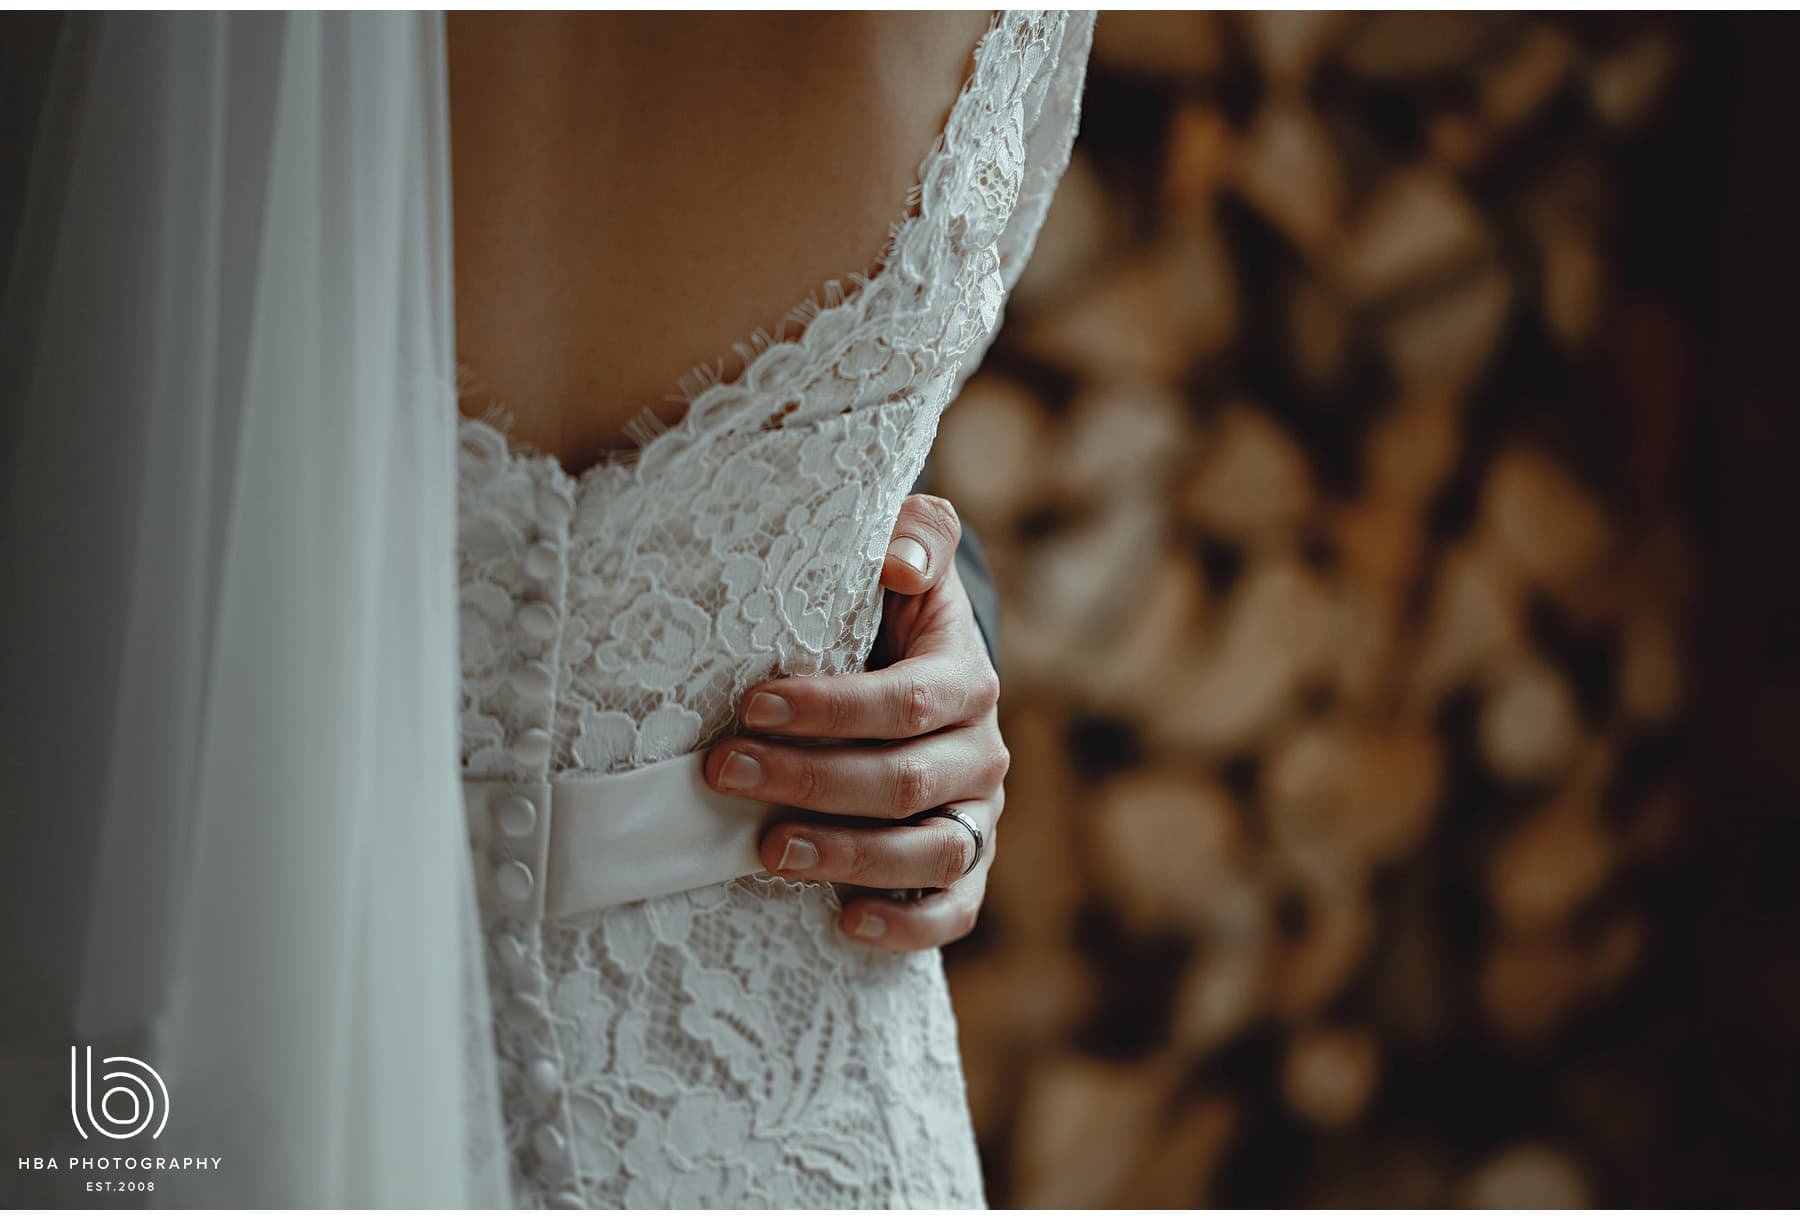 the groom hand on the bride's waist